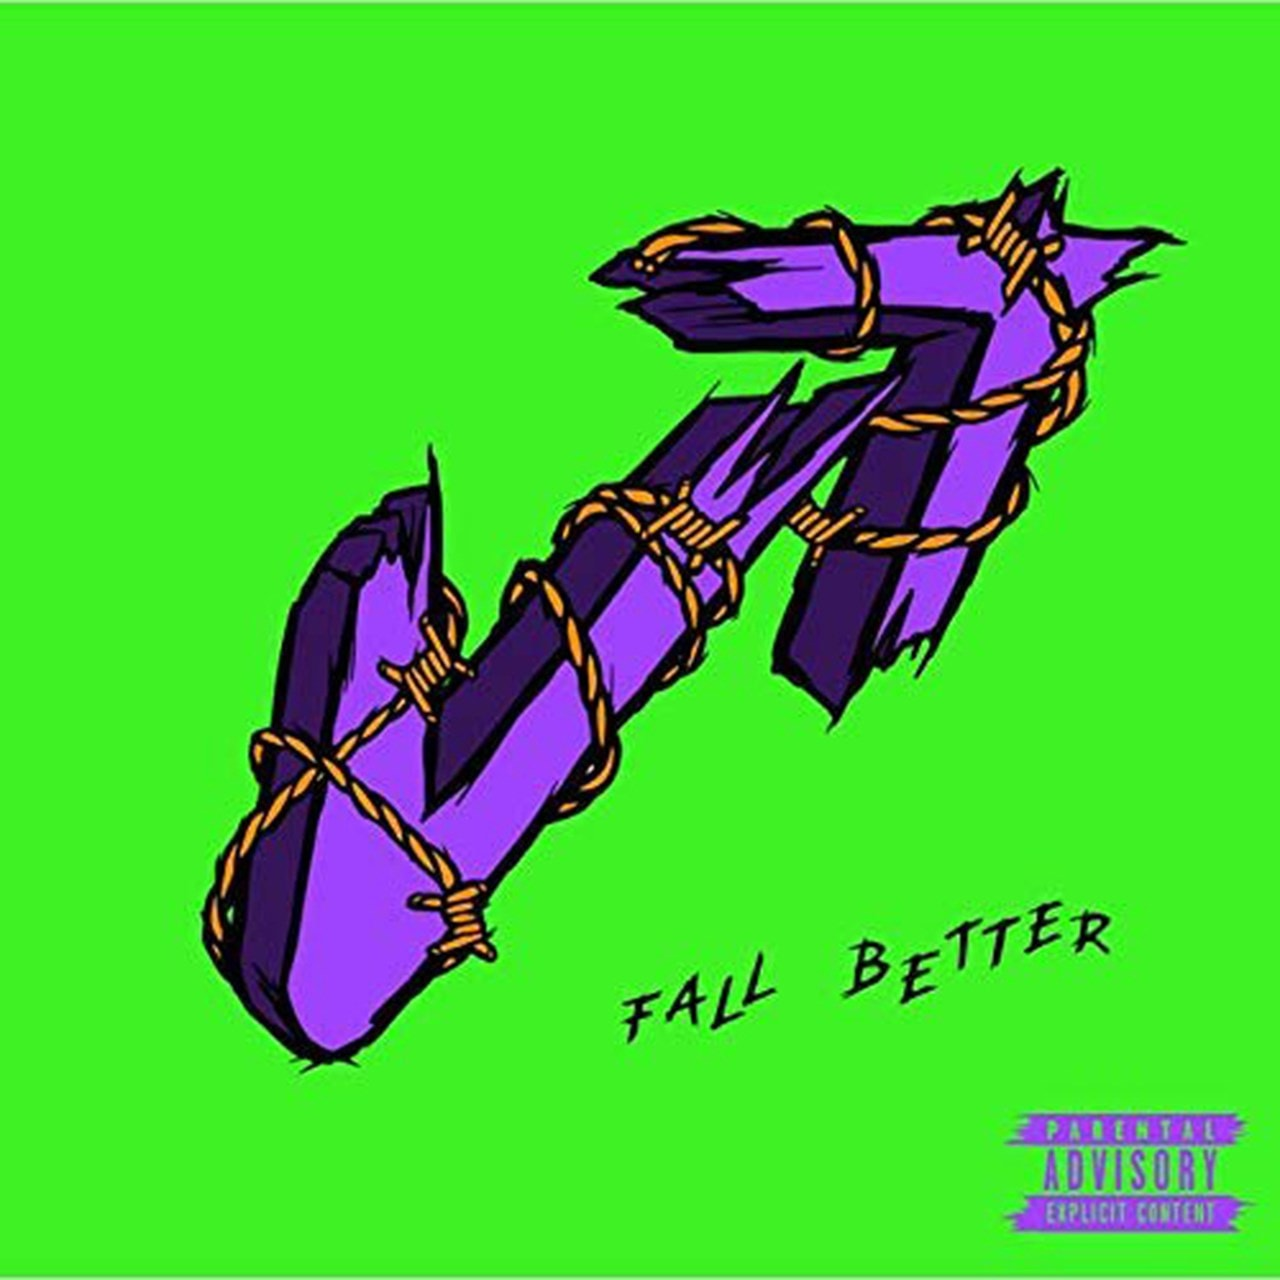 Fall Better - 1